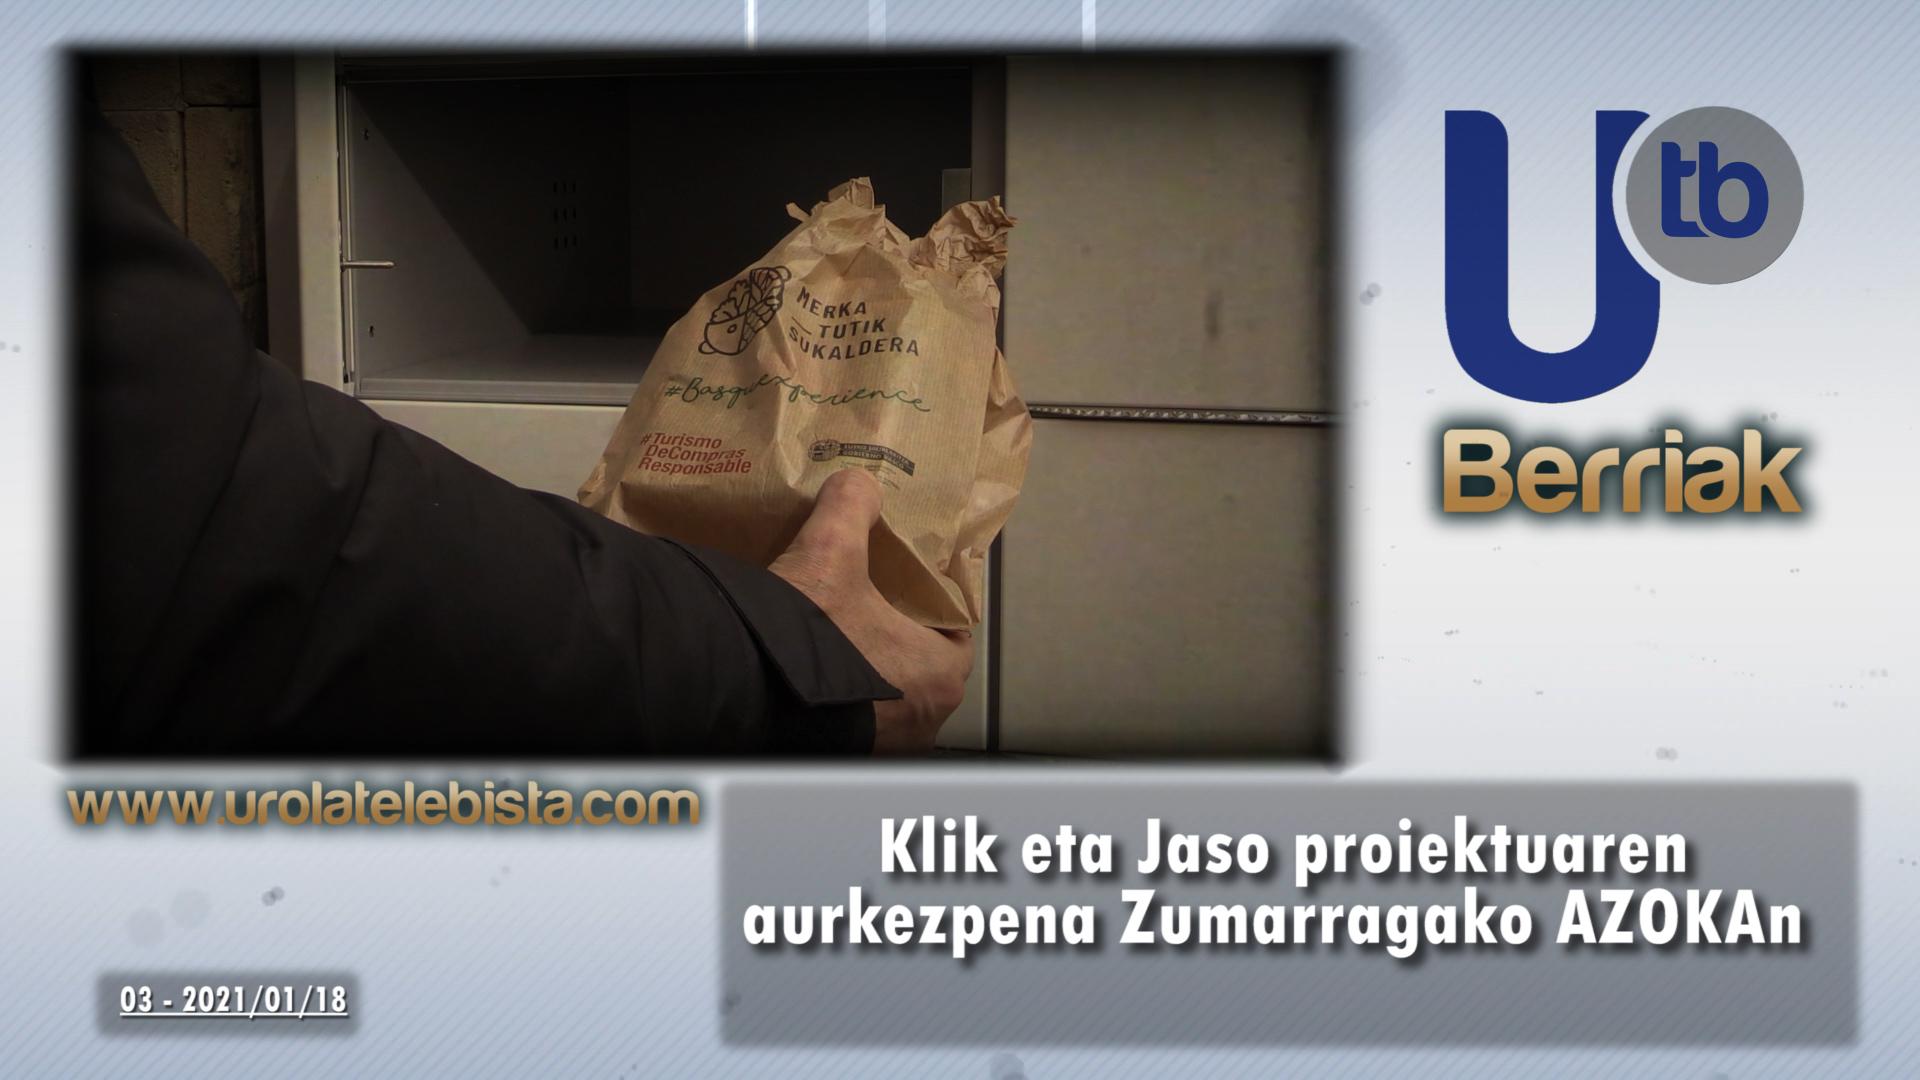 """Klik eta Jaso proiektuaren aurkezpena Zumarragako AZOKAn / Presentación de """"Klik eta Jaso"""" en Zumarragako AZOKA"""